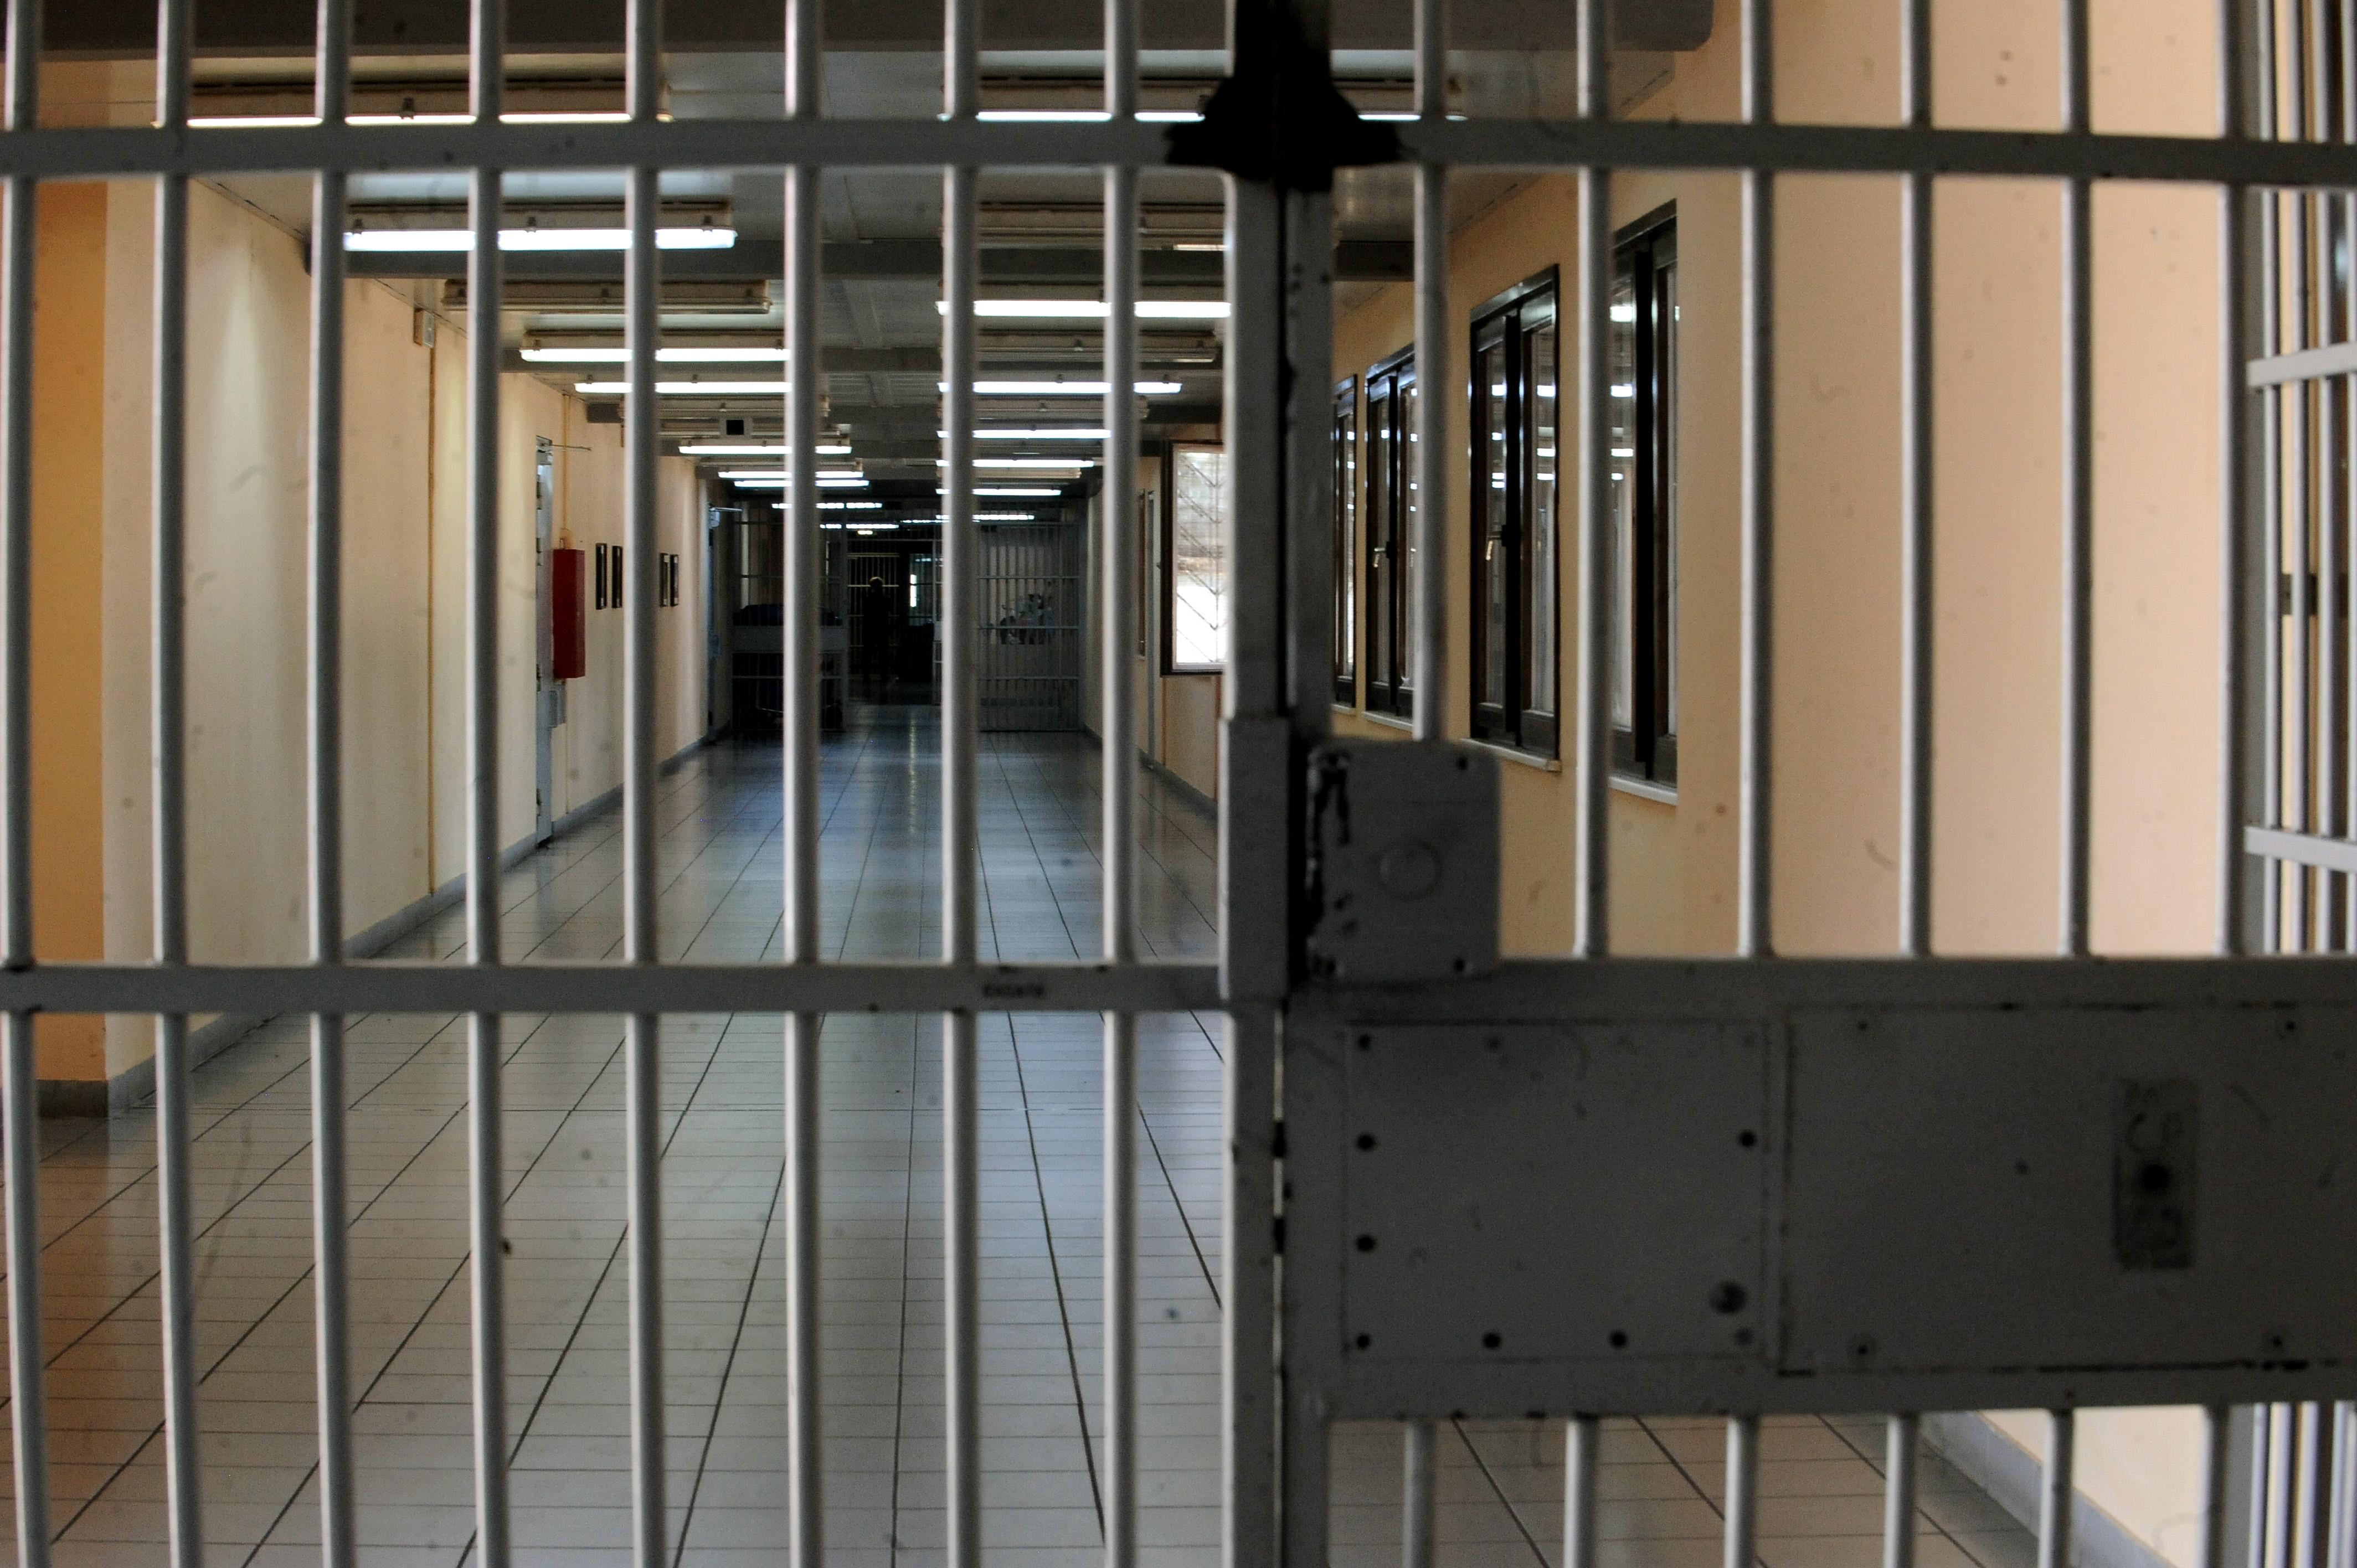 Αποφυλακίζεται ο Αριστείδης Φλώρος για λόγους υγείας | tovima.gr